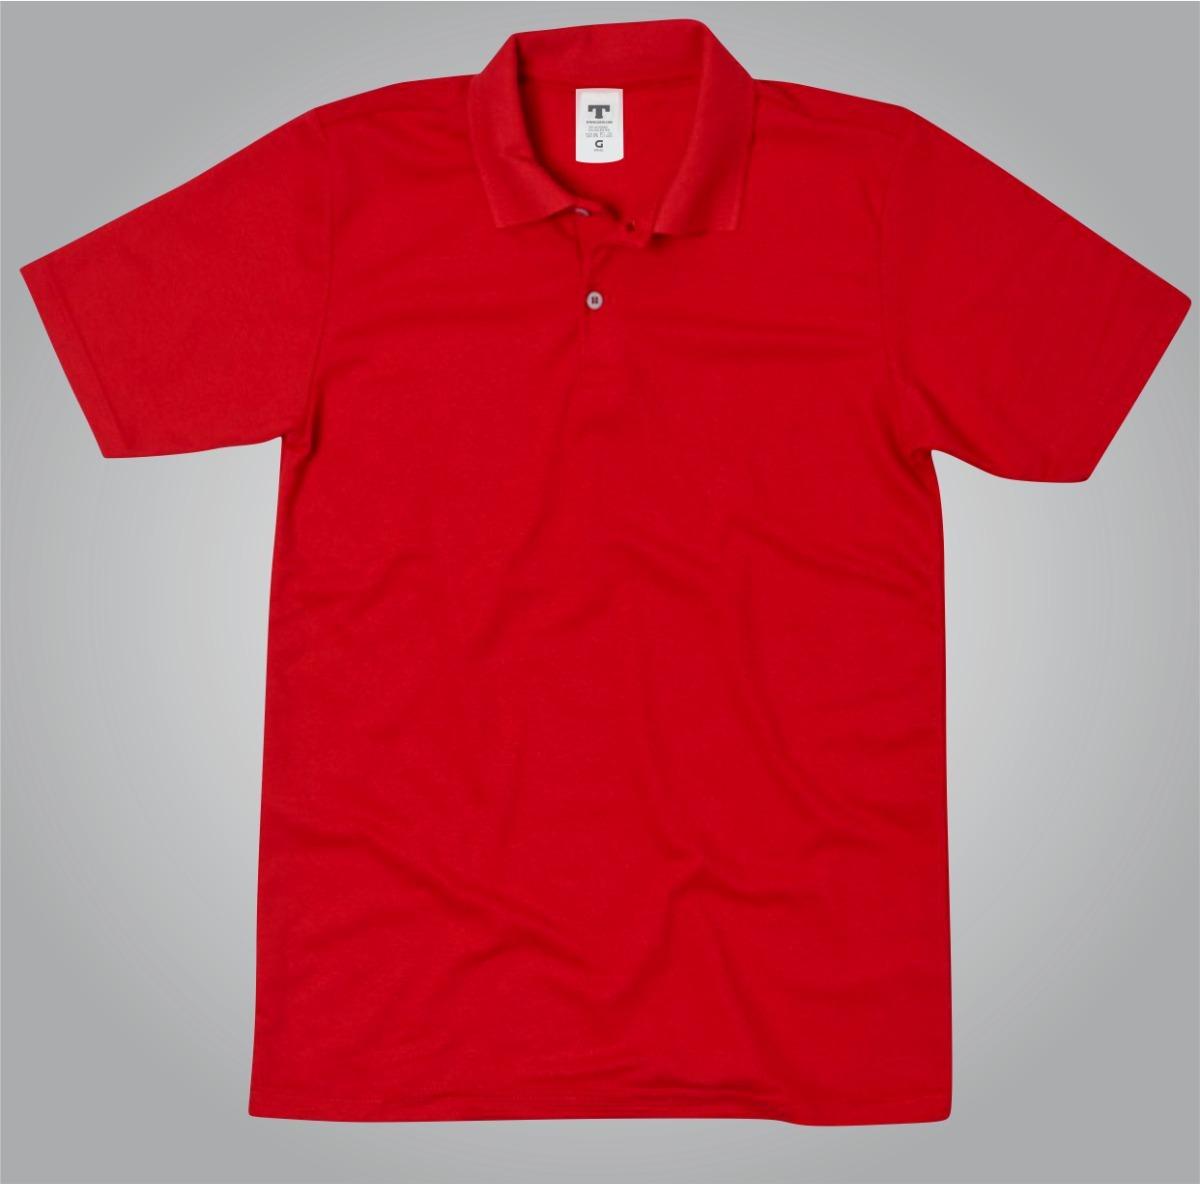 5e718e45a0 Camisa Vermelha Camisa Polo Vermelho Camiseta Blusa Polo - R  44